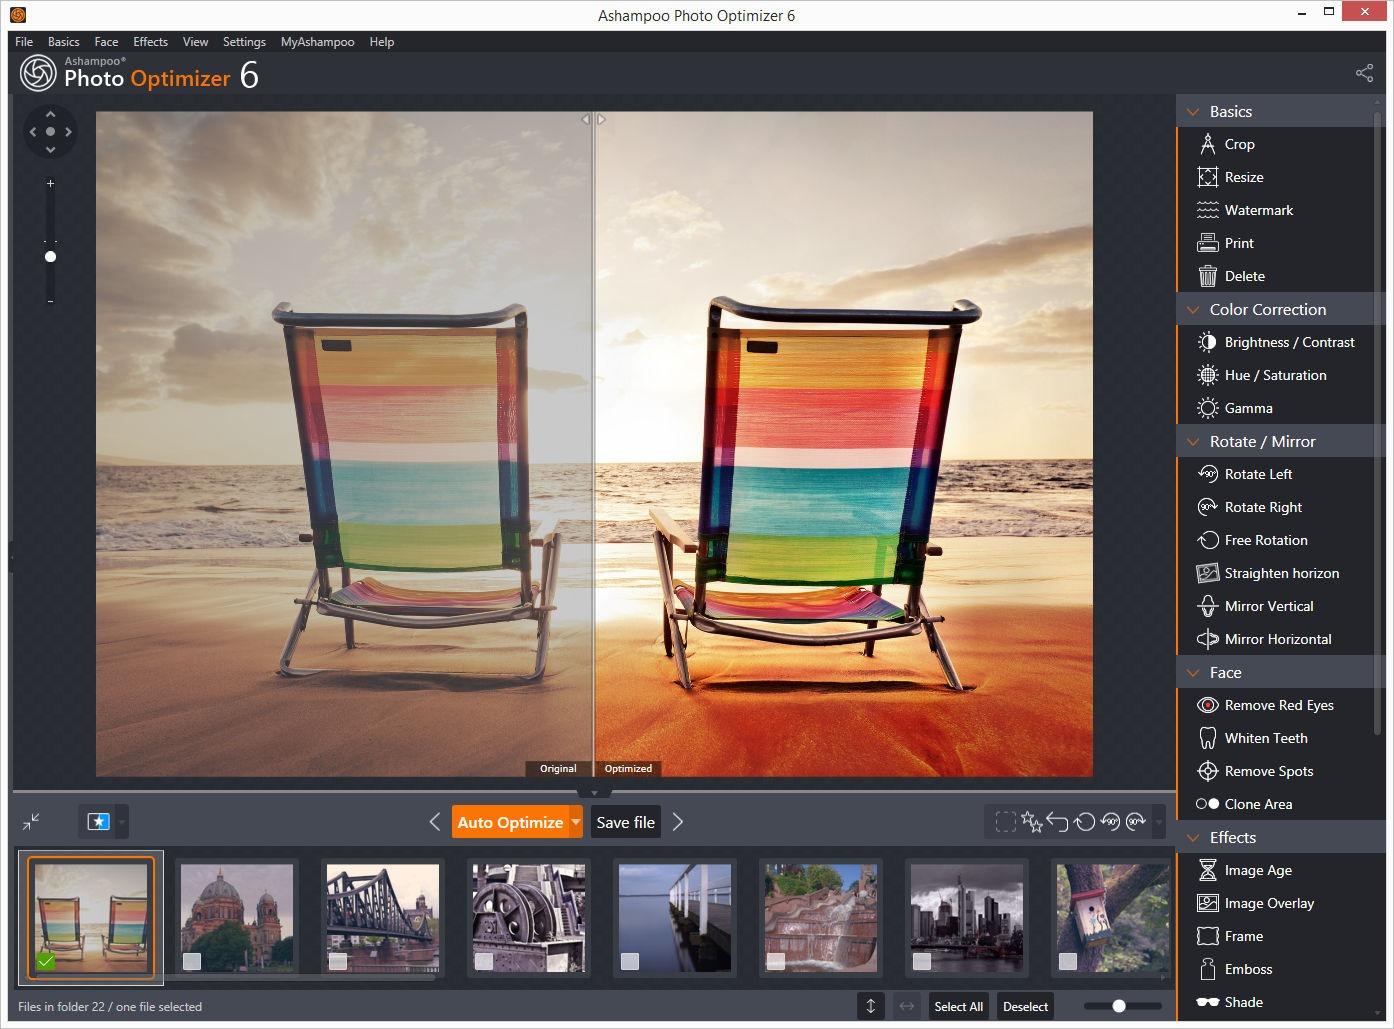 دانلود بهترین نرم افزار ویرایشگر تصاویر ویندوز - Ashampoo Photo Optimizer v7.0.3.4